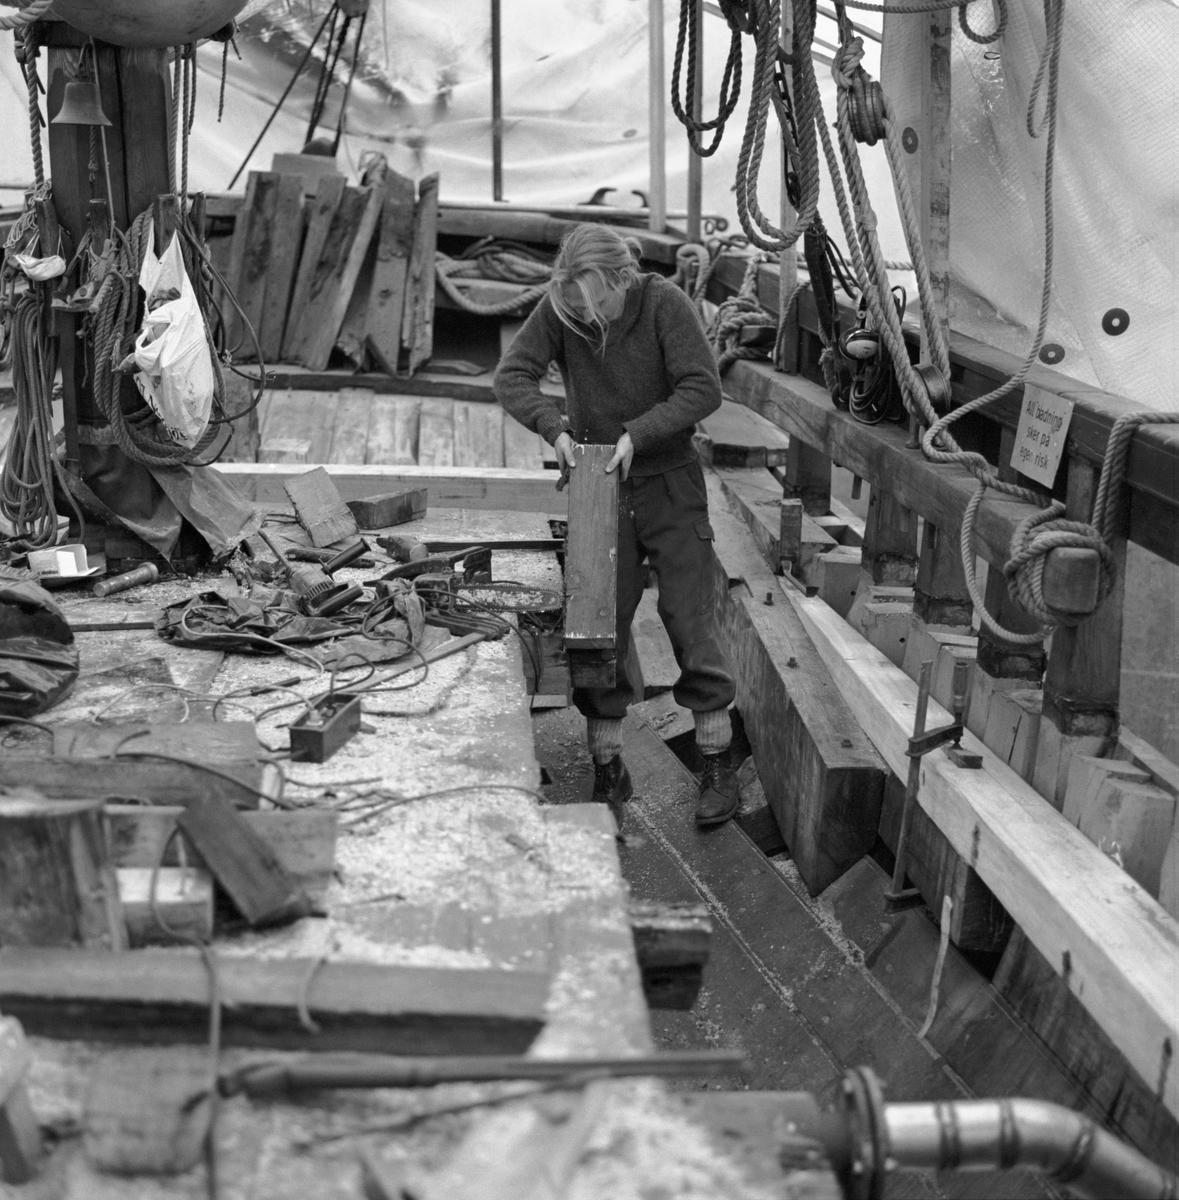 """Fartyg: DEODAR                         Bredd över allt 5,8 meter Längd över allt 24 meter Reg. Nr.: 8180 Rederi: Thomas Hellström Byggår: 1911 Varv: R Jackmans skeppsvarv, Brixham, England Övrigt: Beckholmen Engelska ketchen DEODAR får däcket bytt Fototillfälle:921104-158 Deodar(1911)=Rigmor(1942)=DEODAR(1962) I fraktfart tom 1958 Fartyget har fått skutstöd från Statens Sjöhistoriska Museums fond för bevarande av kulturhistoriskt värdefulla segelfartyg. Hon är K-märkt av Statens Maritima Museer 2001 som """"synnerligen kulturhistoriskt värdefull""""."""